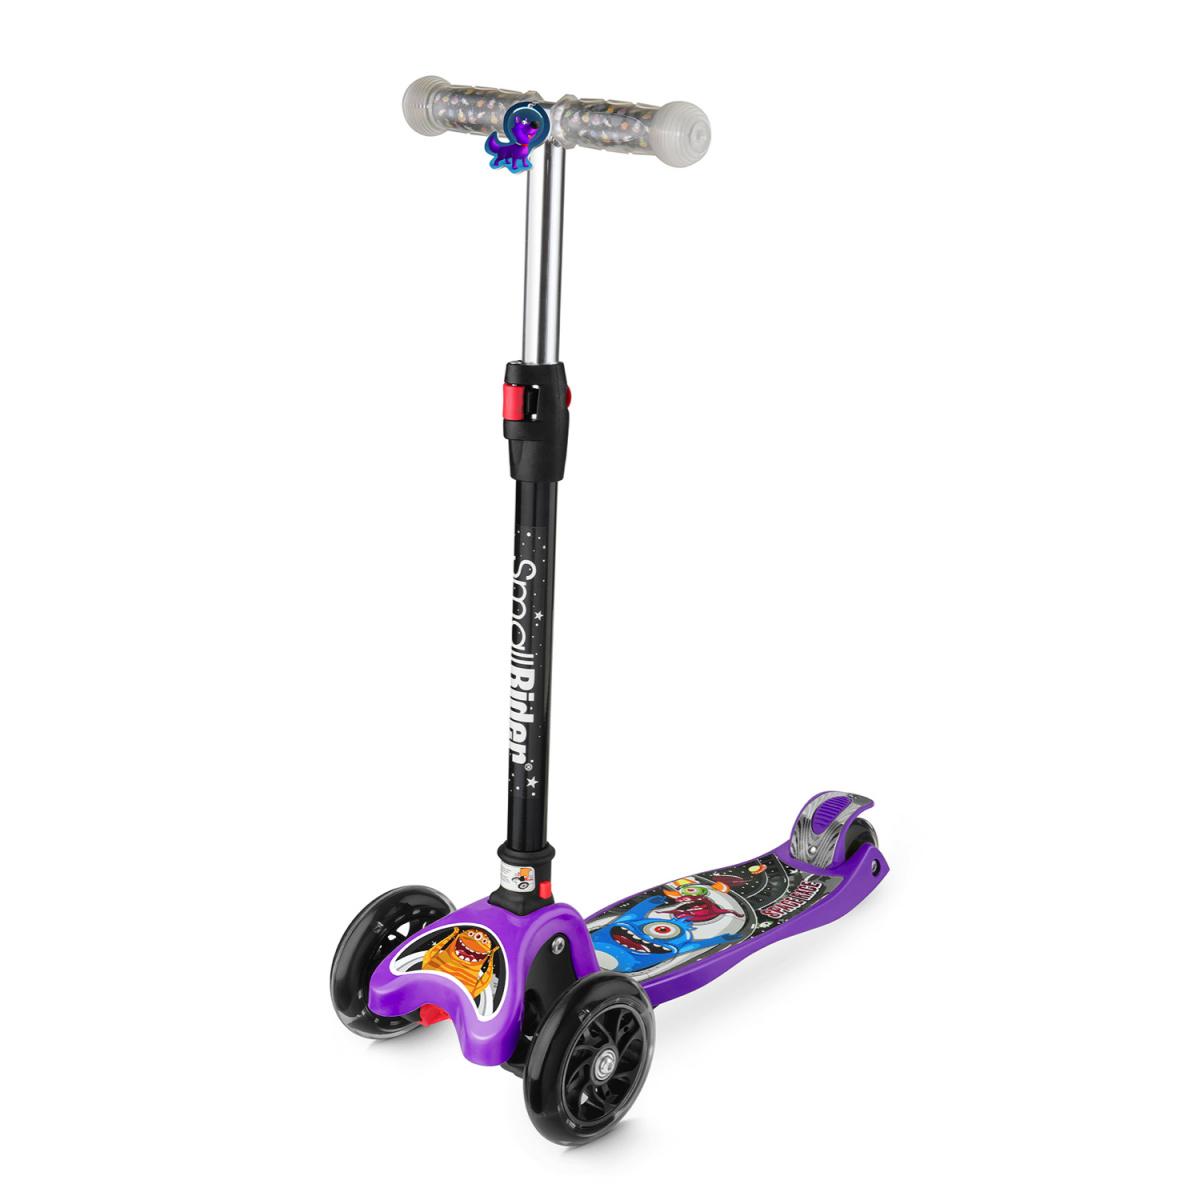 Самокат Small Rider Space Race, 3-колесный, складной, со светящимися колесами, цвет: фиолетовый самокат small rider space race maxi coral